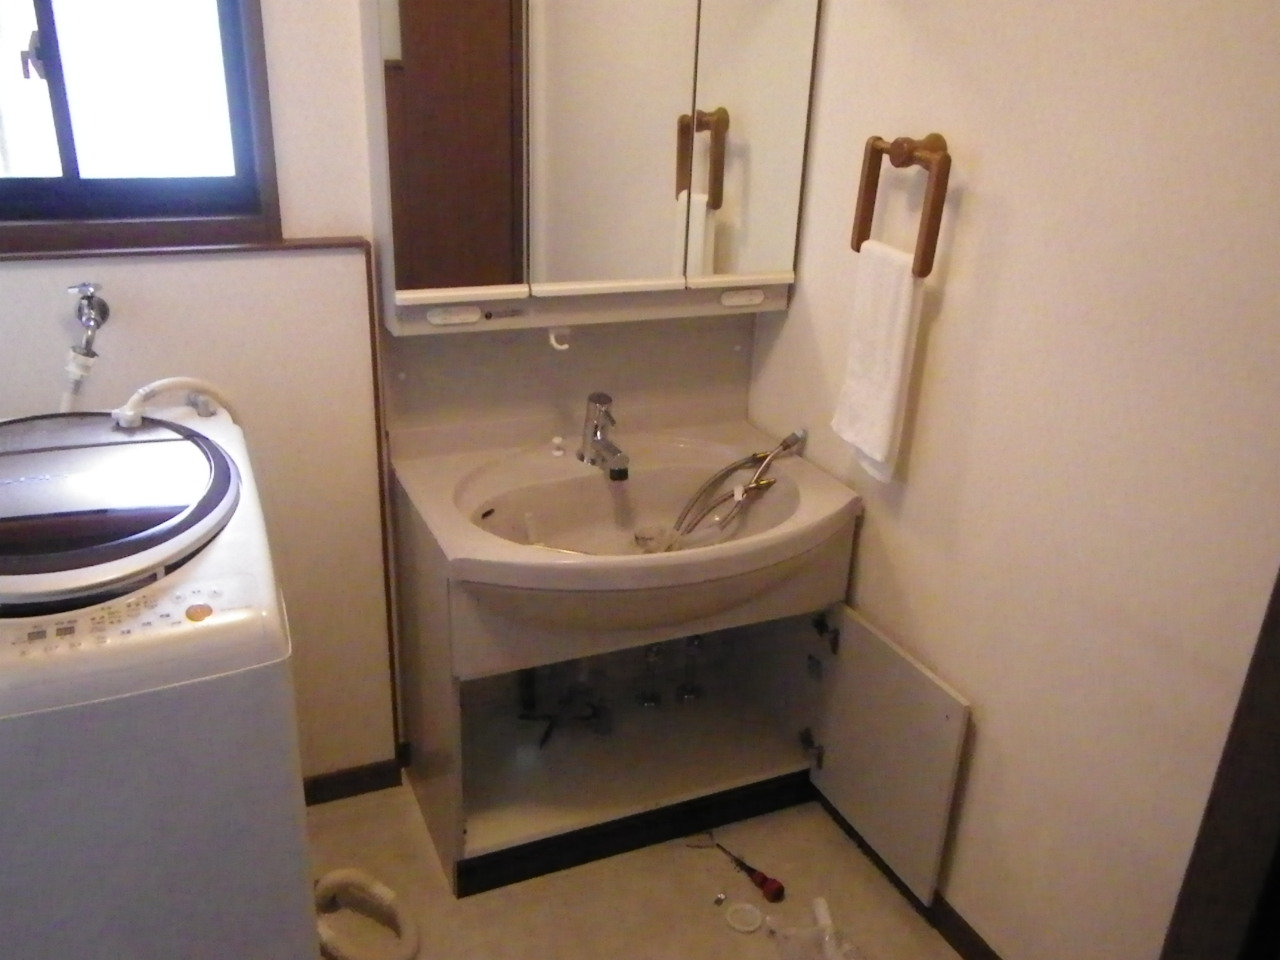 20年前の洗面台ですが、陶器のボウルや収納の扉材は日頃の使い方もあって痛みが少なかったので、取替え部品の対応を調べ、給水栓と排水部品の取替えを行いました。水栓が白いプラスチックからメッキに変わっただけで印象がずいぶん違います。